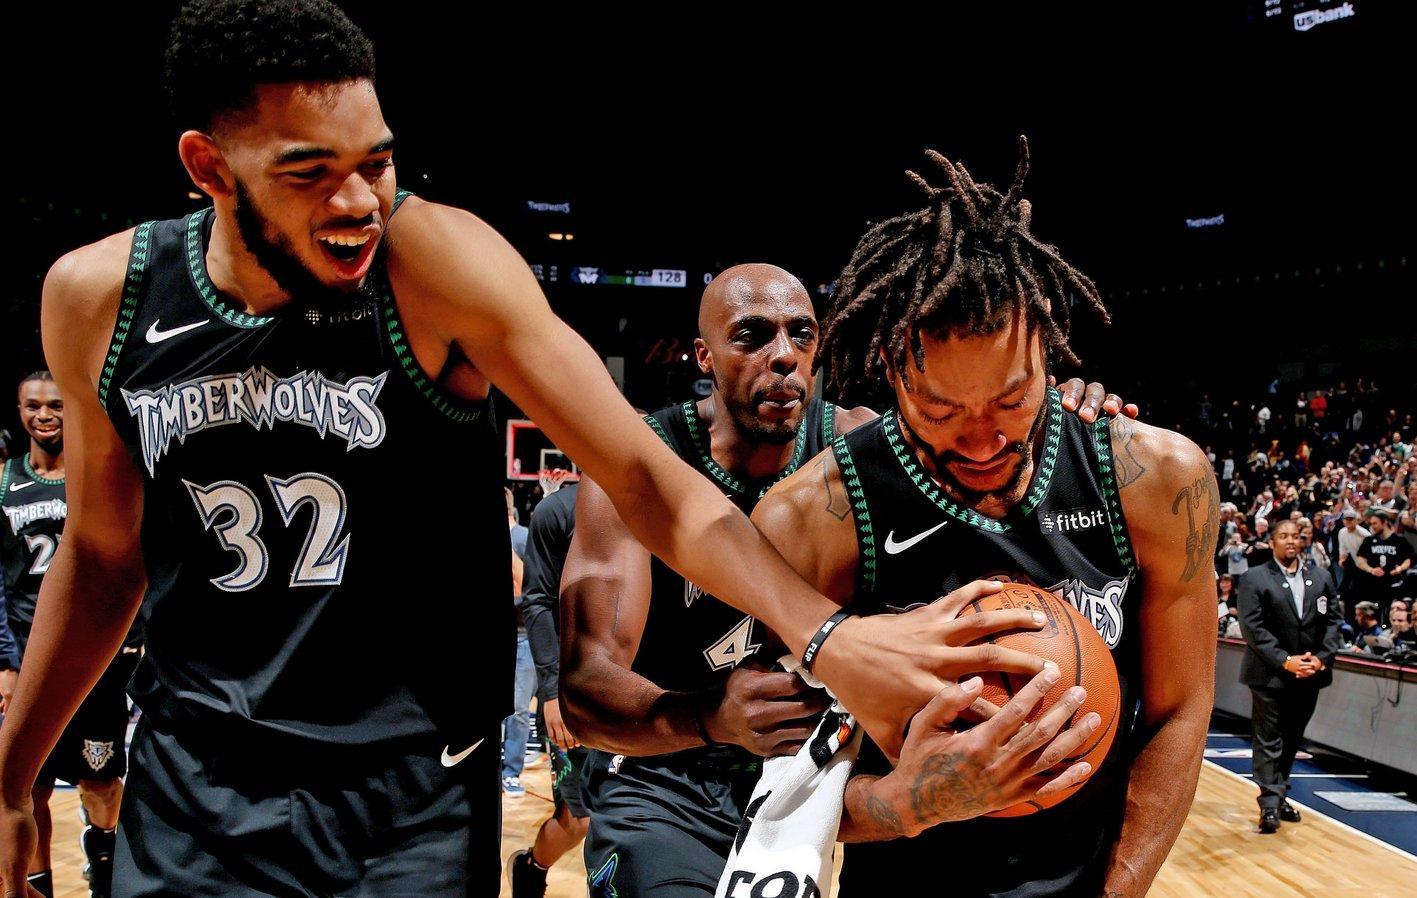 盤點NBA三大冷知識:拿下總冠軍後,球員拿走比賽用球需要付錢嗎?